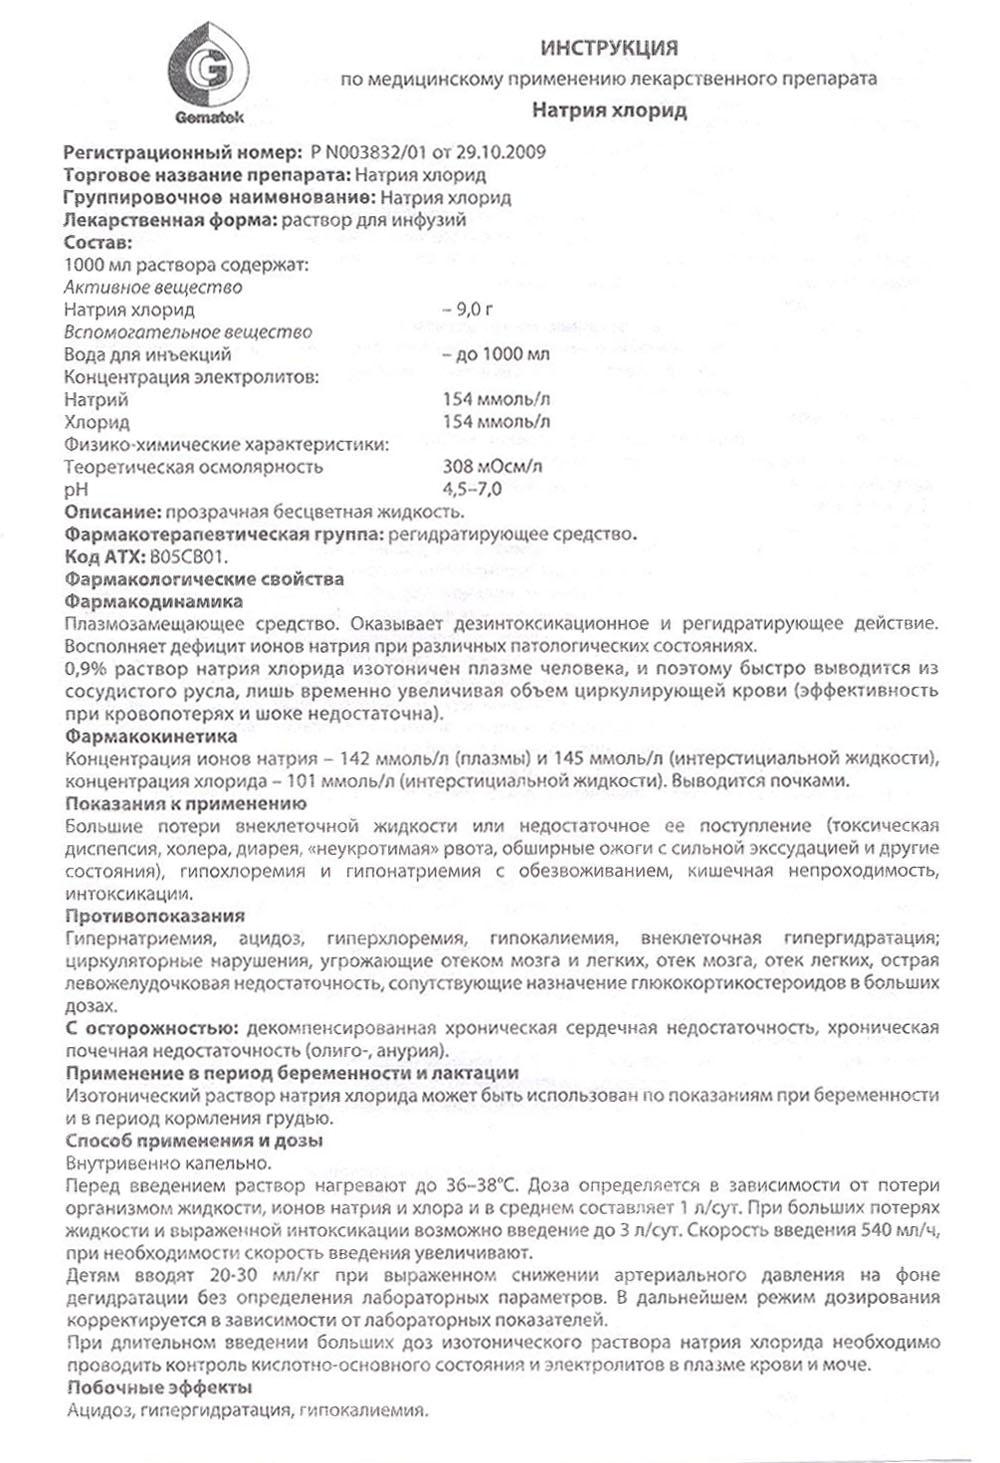 Раствор натрия хлорида: инструкция по применению - druggist.ru